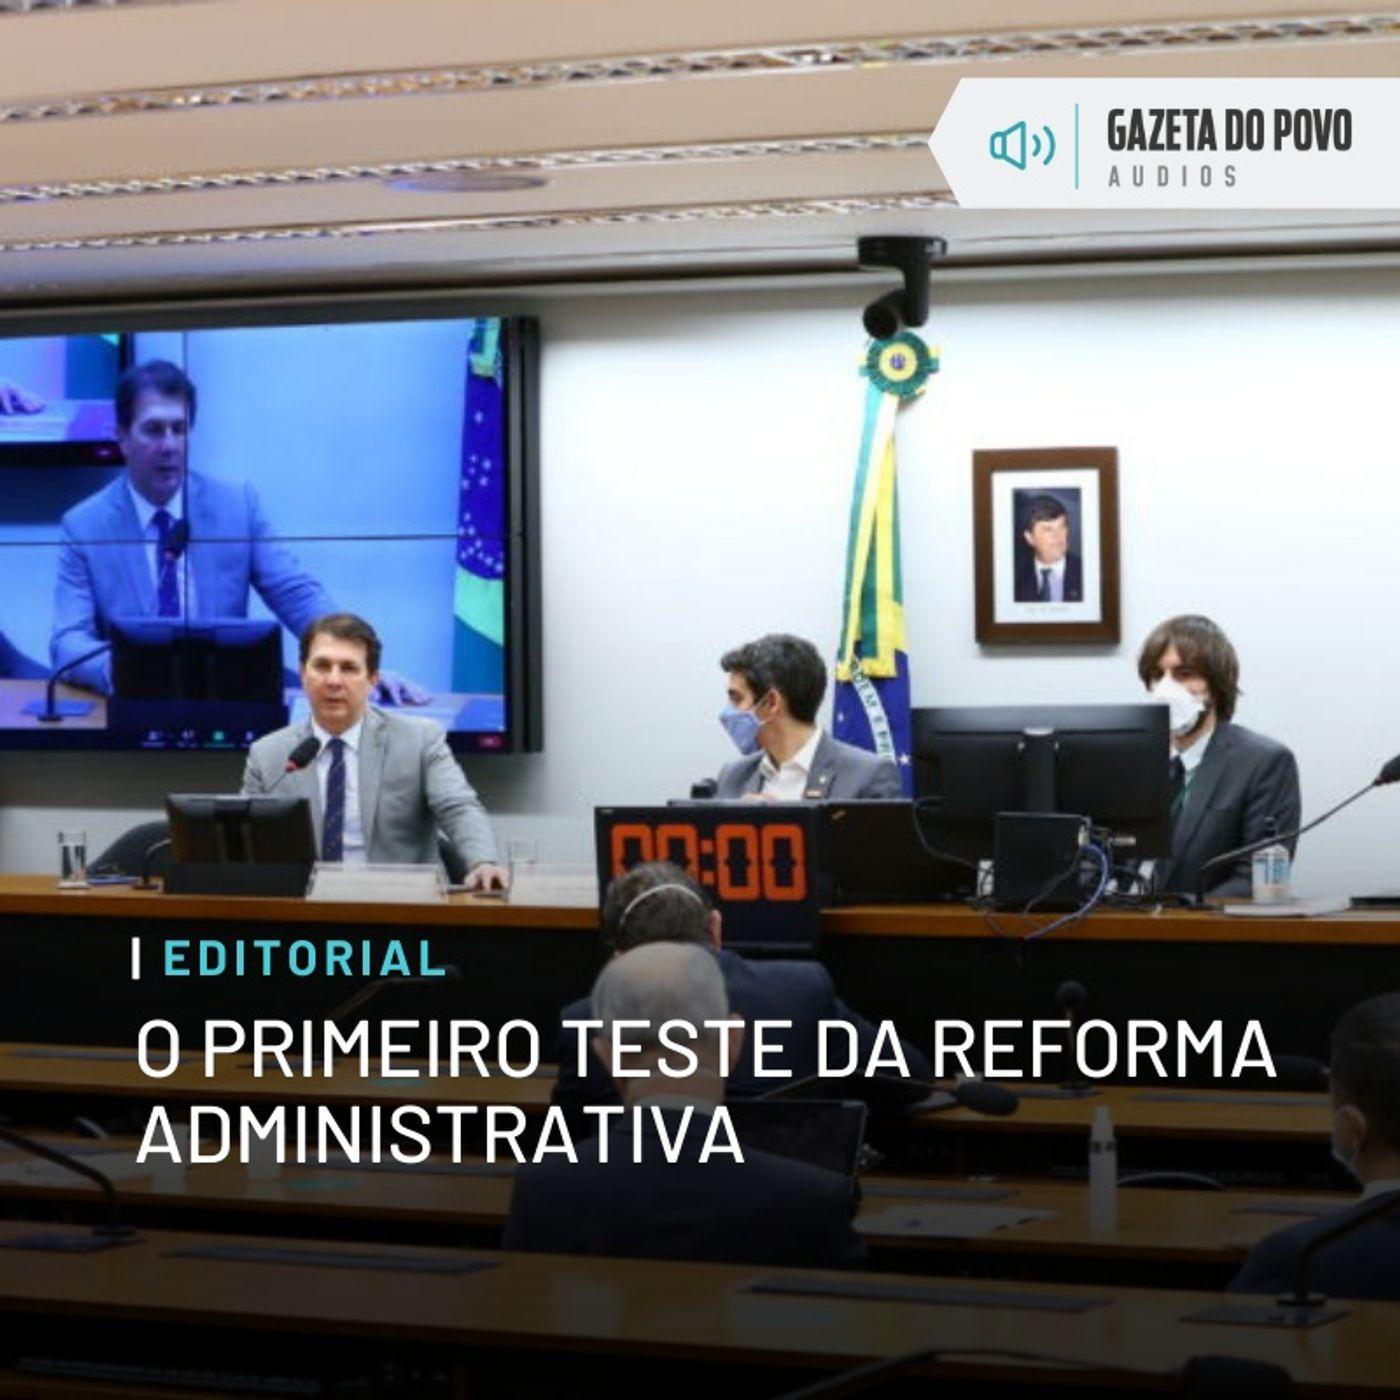 Editorial: O primeiro teste da reforma administrativa